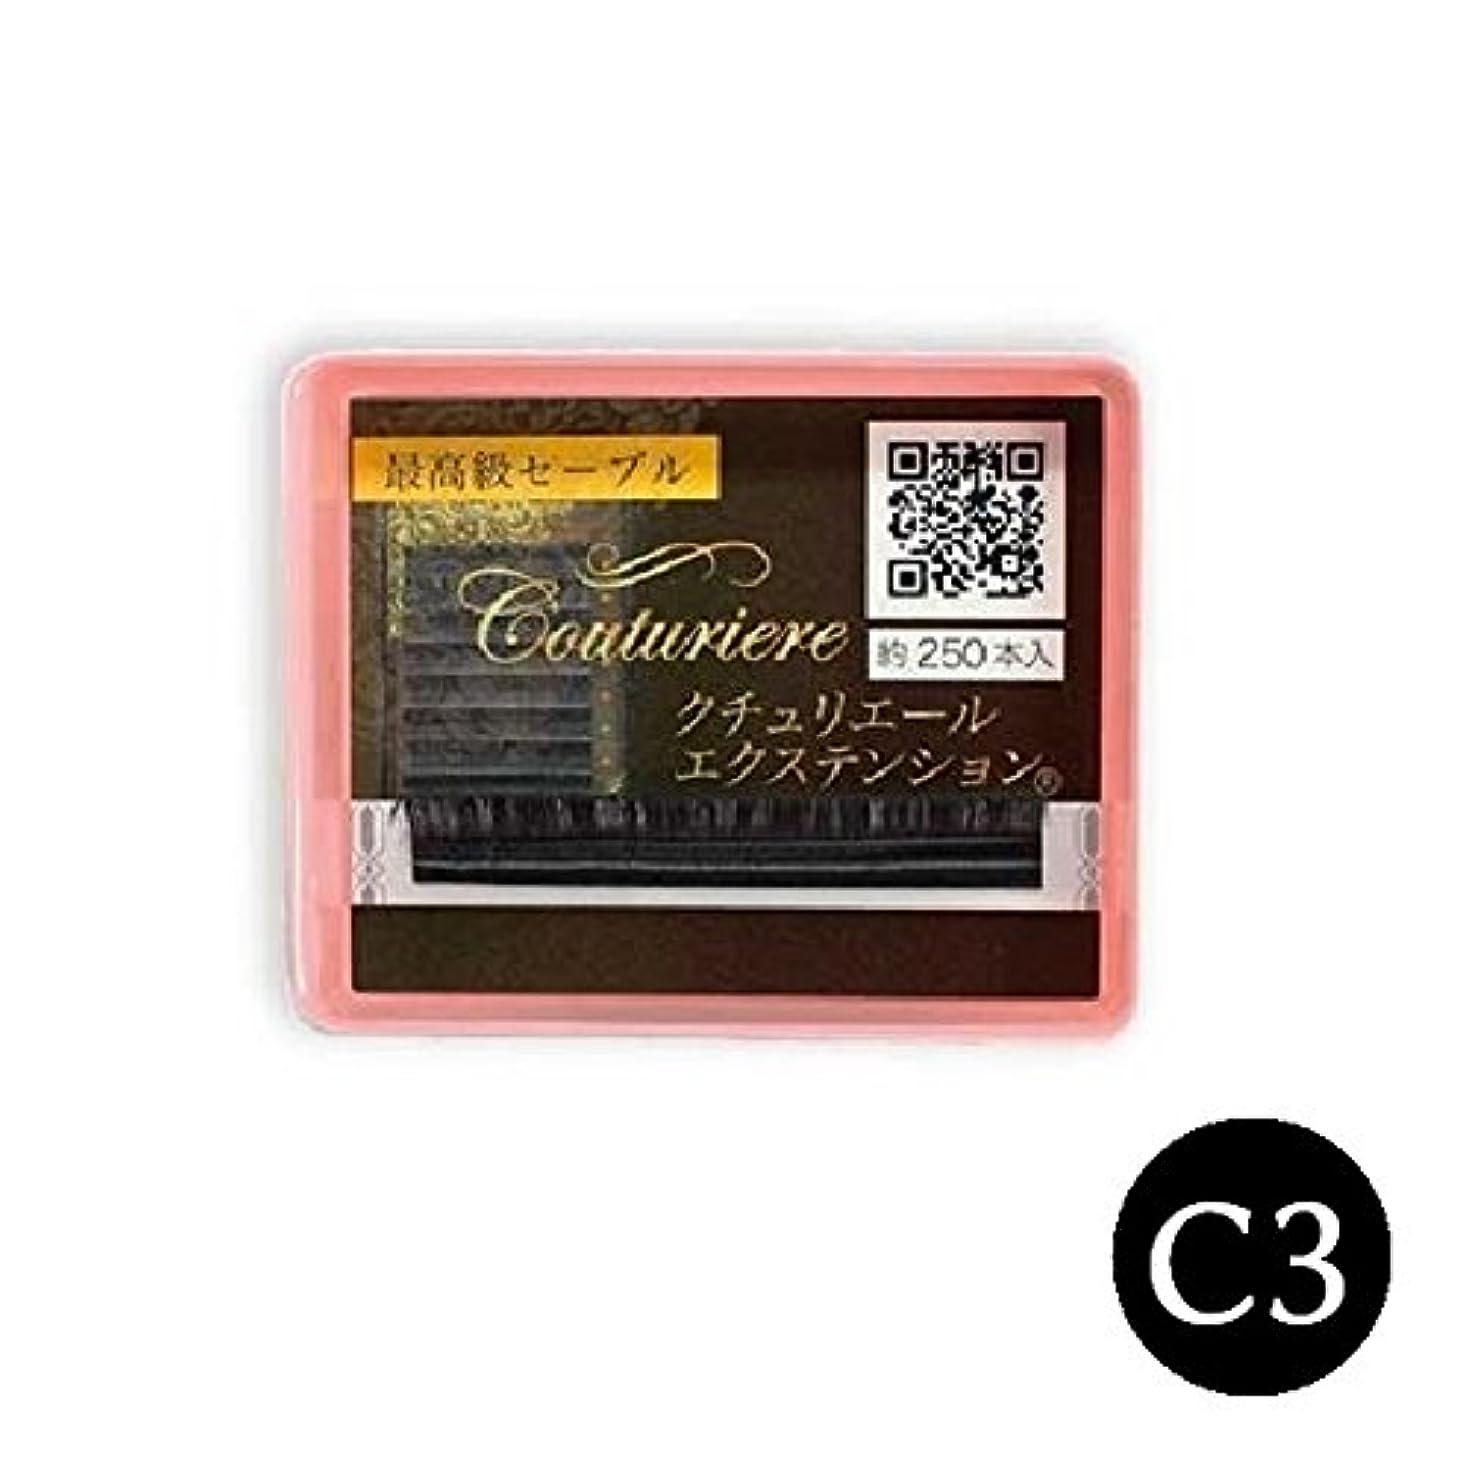 まつげエクステ マツエク クチュリエール C3カール (1列) (0.15mm 10mm)